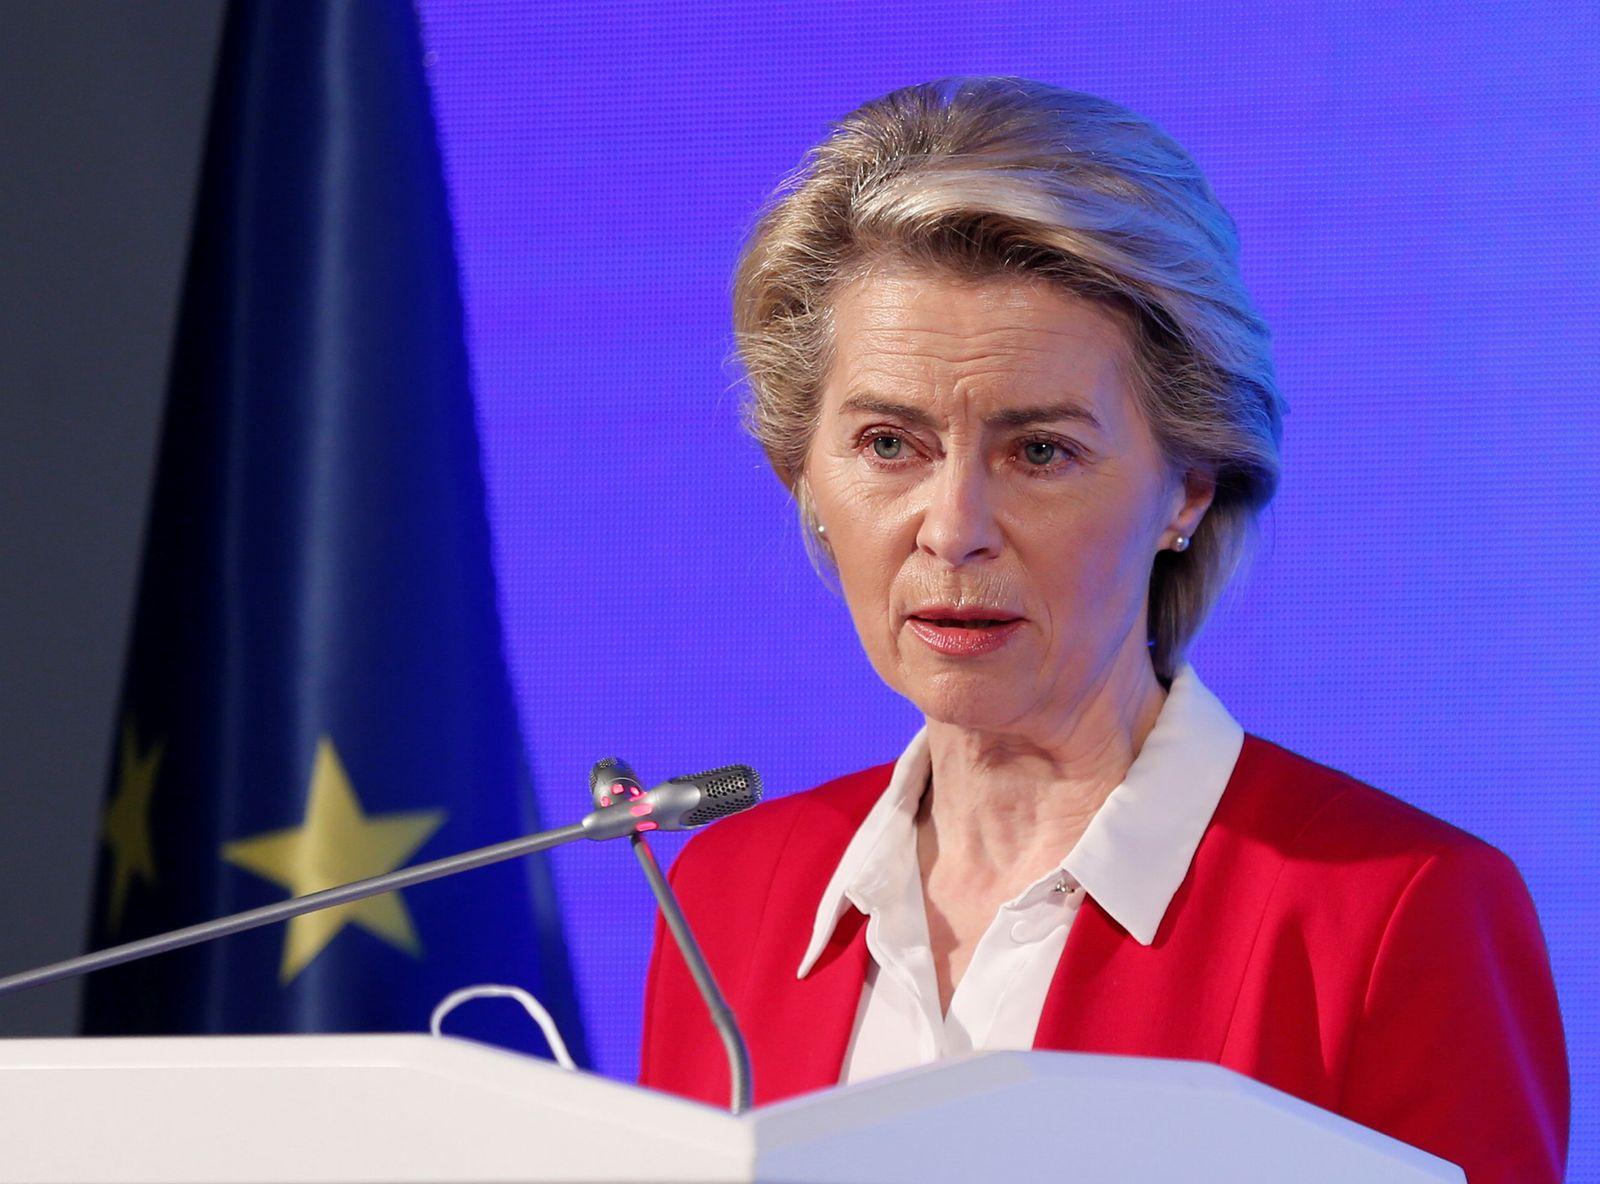 European Commission President von der Leyen speaks during a news conferencein Ankara